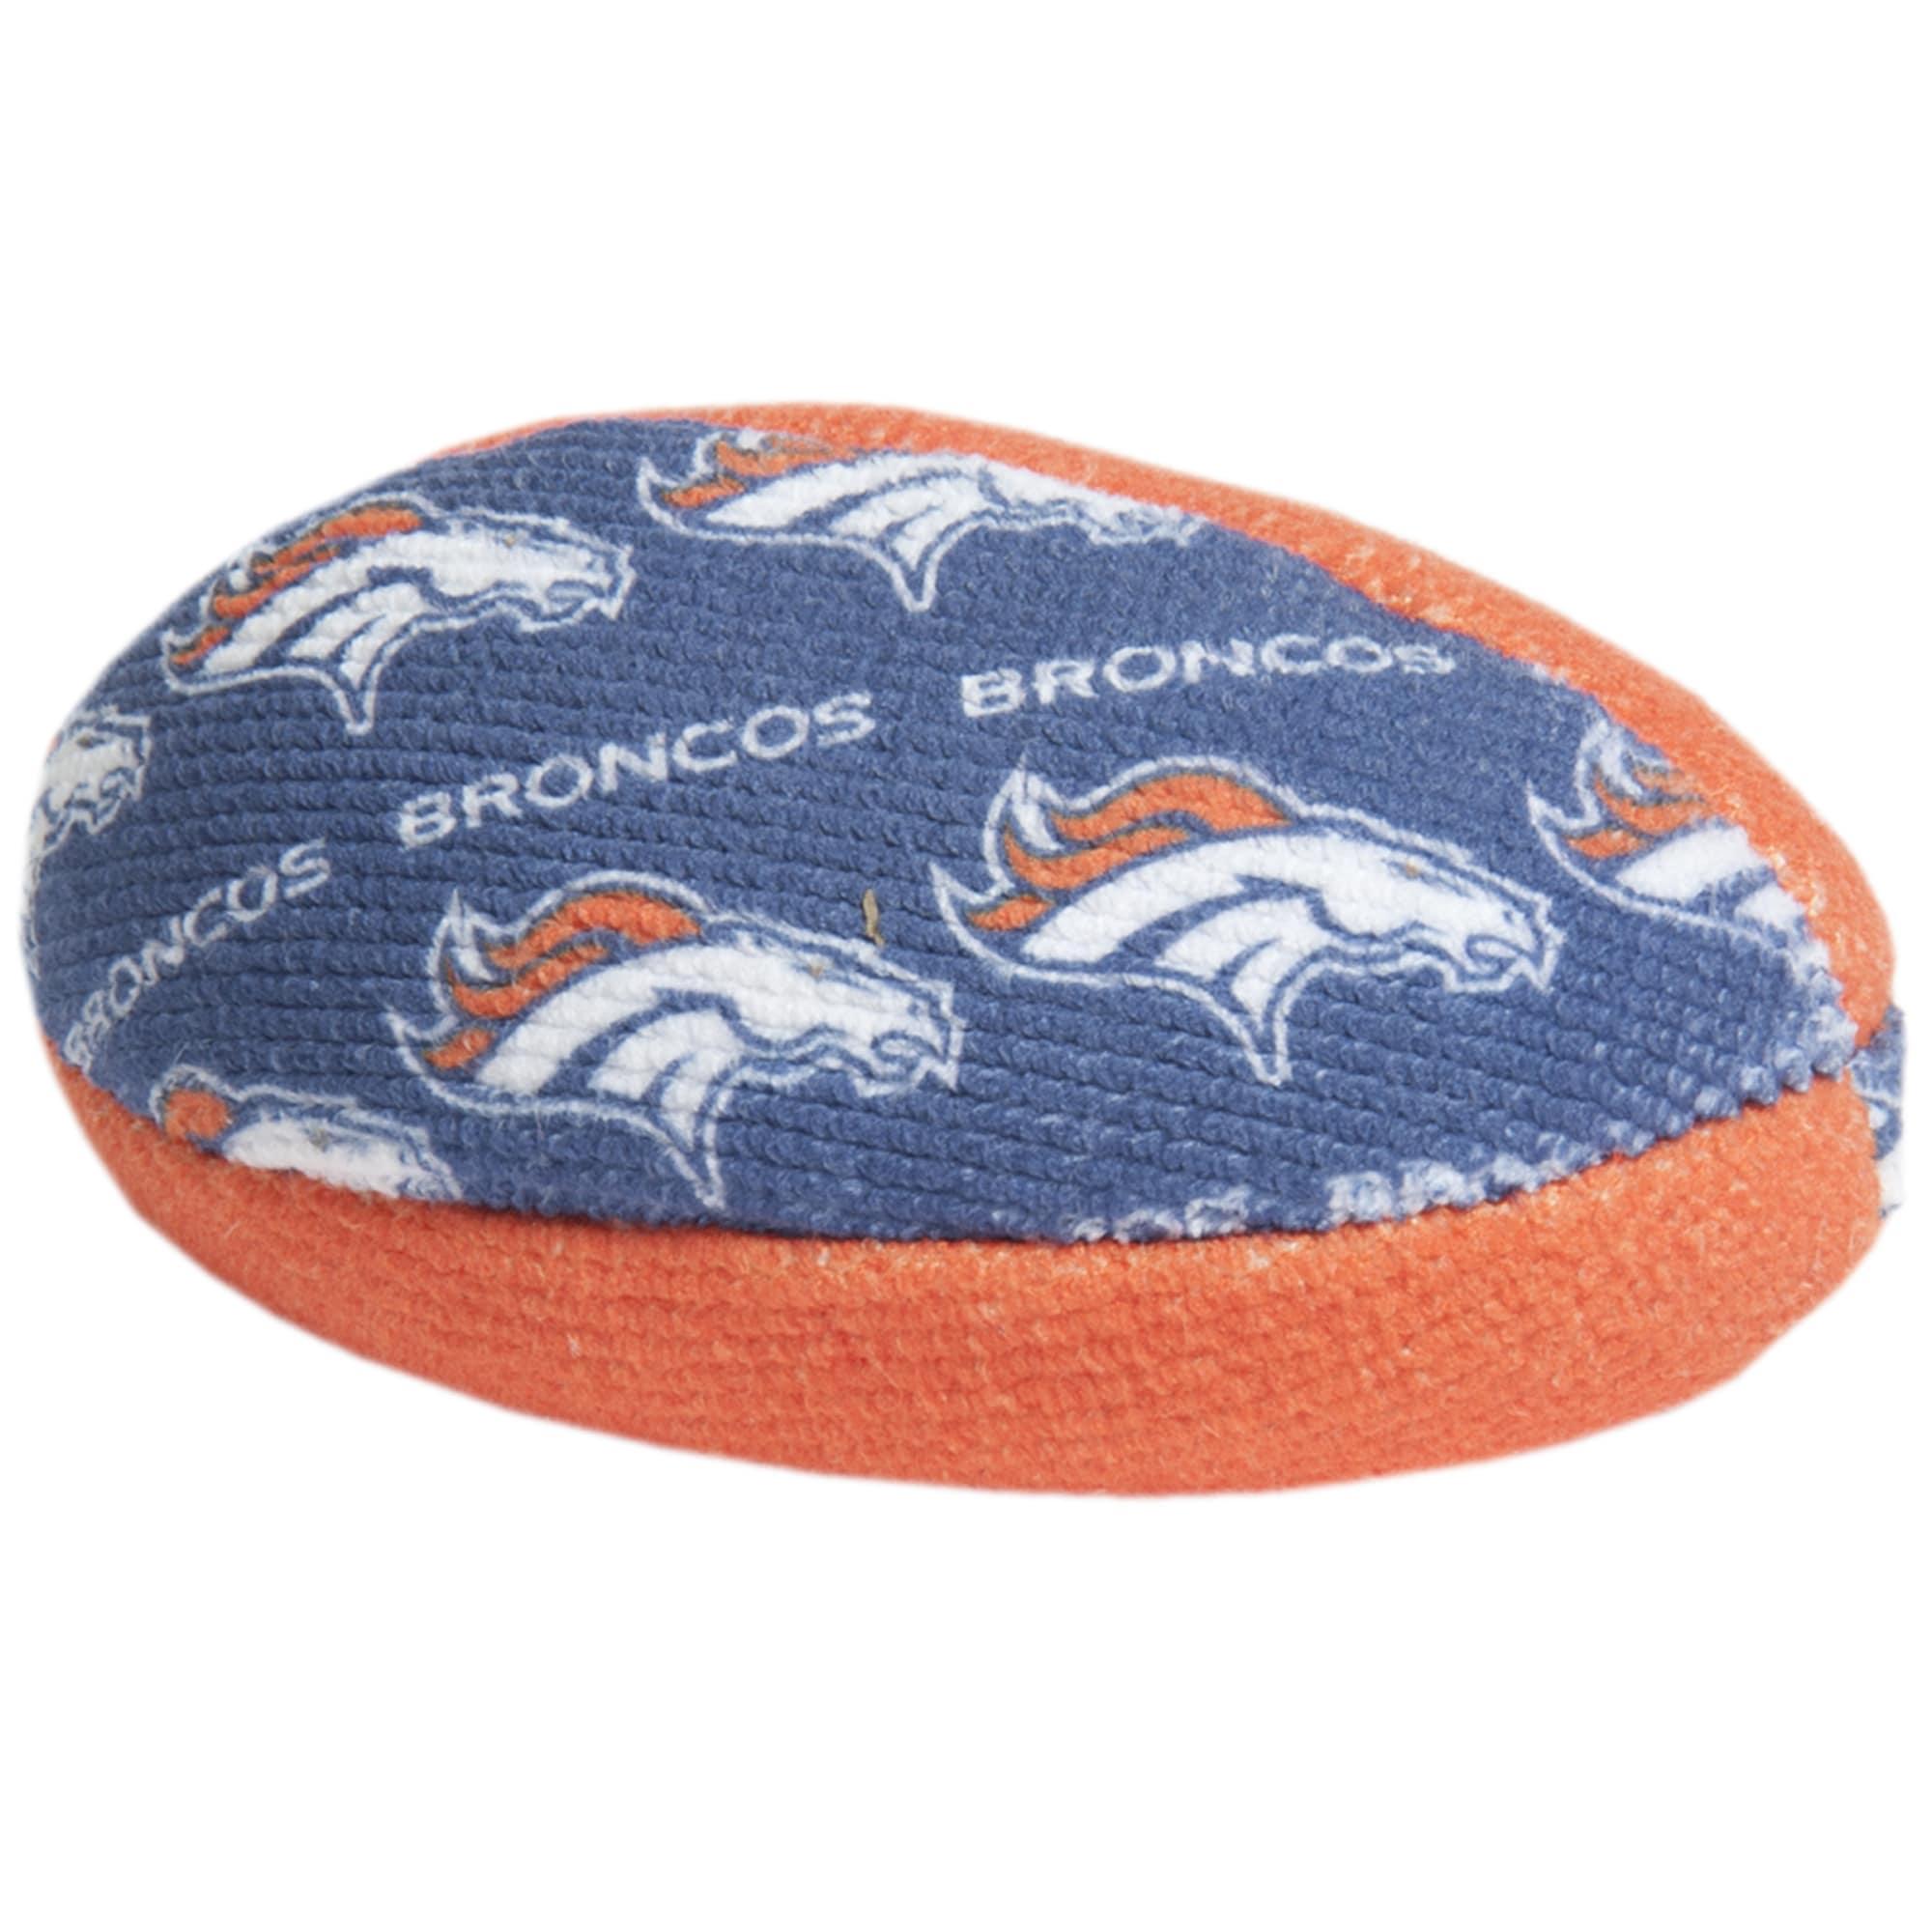 Denver Broncos Football Shaped Bowling Grip Bag - Navy